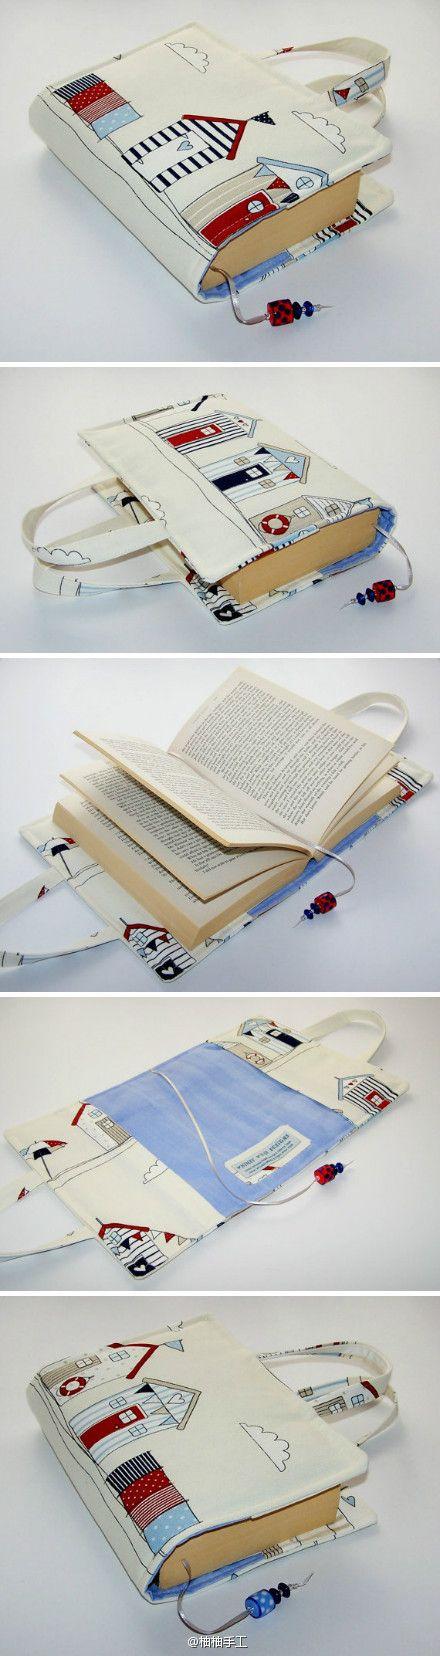 La borsa/libro: accessori per lettrici compulsive #libri #shopping  #lettura